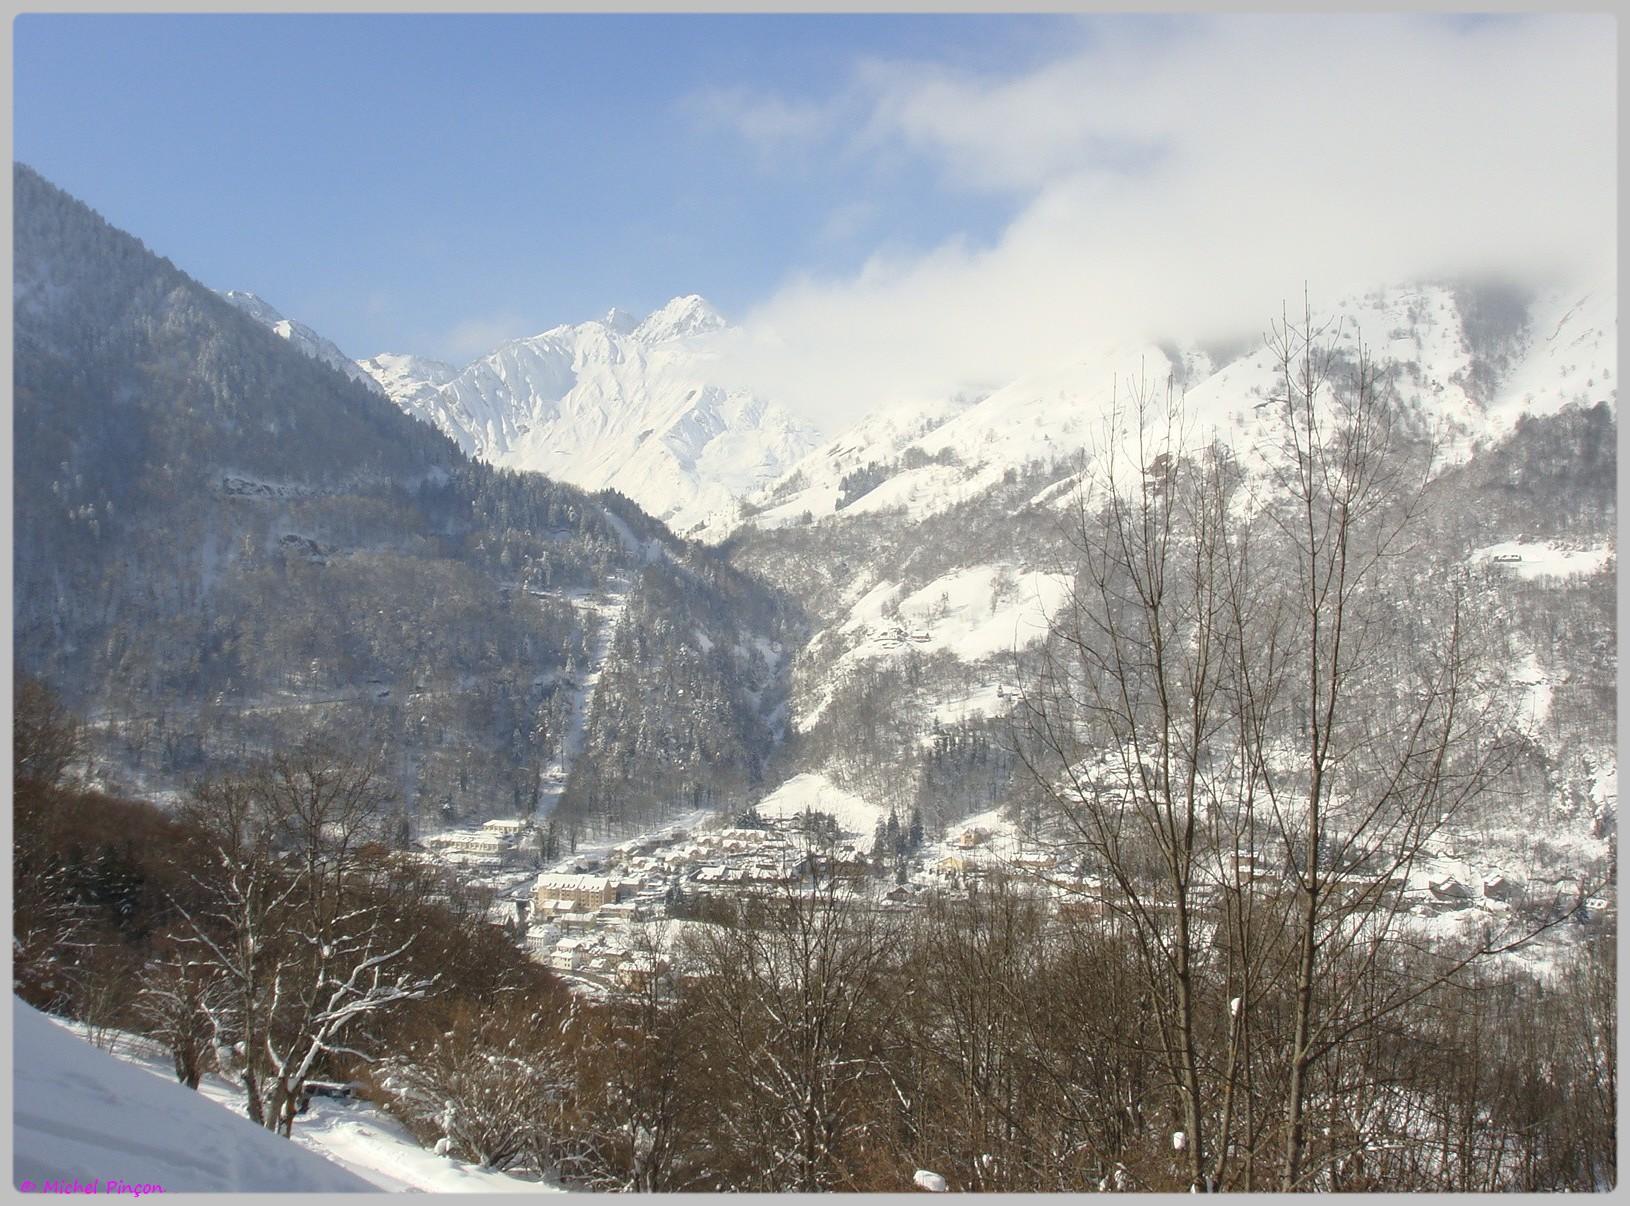 Une semaine à la Neige dans les Htes Pyrénées - Page 2 967516DSC012047